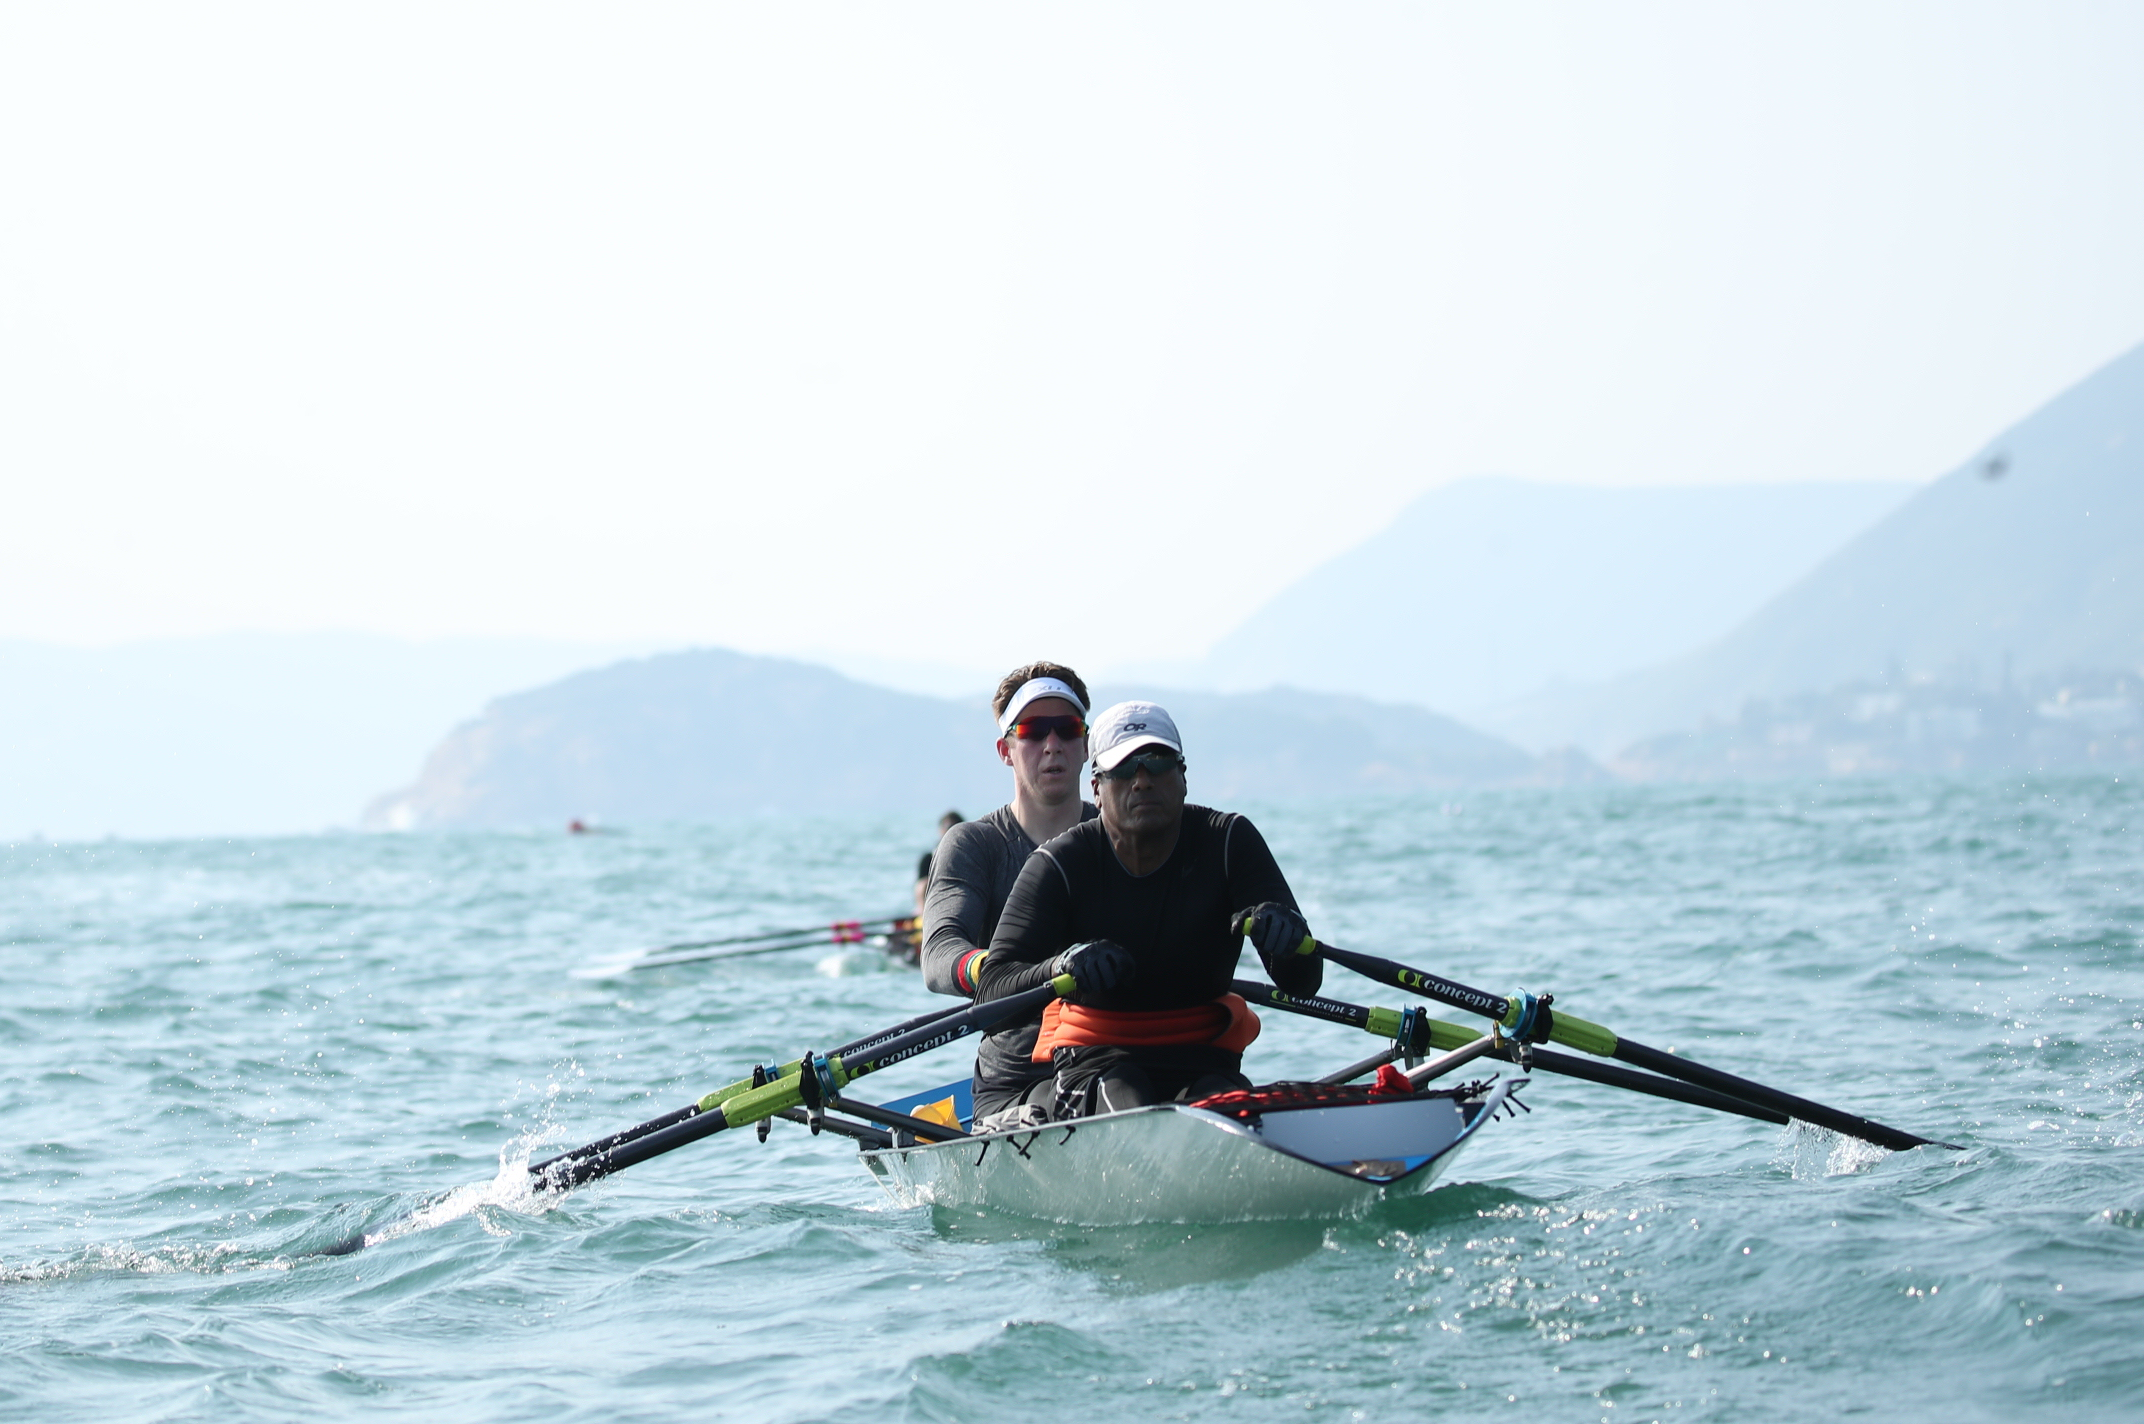 施杰浩(前)及Augustas(後) 雖為展能賽艇運動員,但二人的體態良好,無懼45公里環島賽的風浪。施更表示經常鍛鍊自己體格,目的就是隨時準備接受挑戰。相片由公關提供